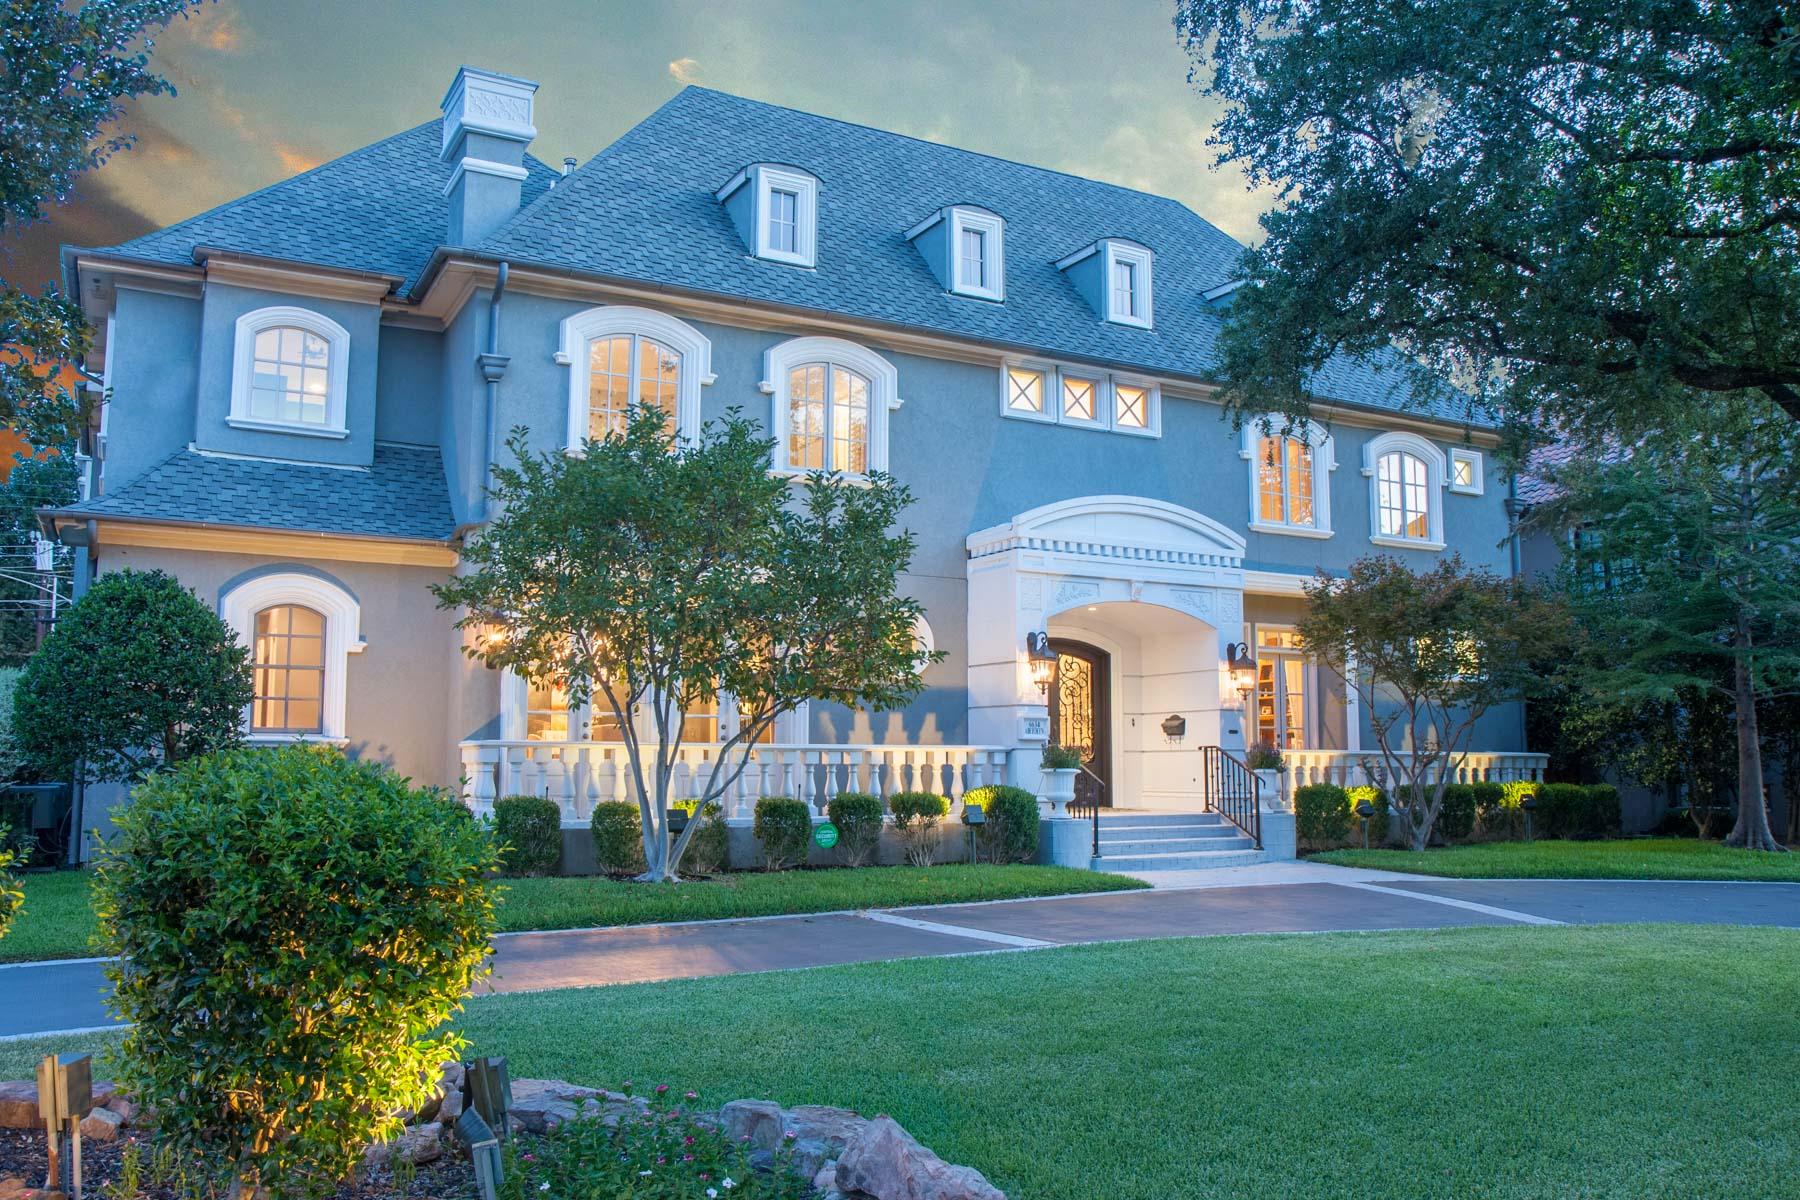 Moradia para Venda às Spectacular Home in the Heart of Preston Hollow 6634 Aberdeen Avenue Dallas, Texas, 75230 Estados Unidos